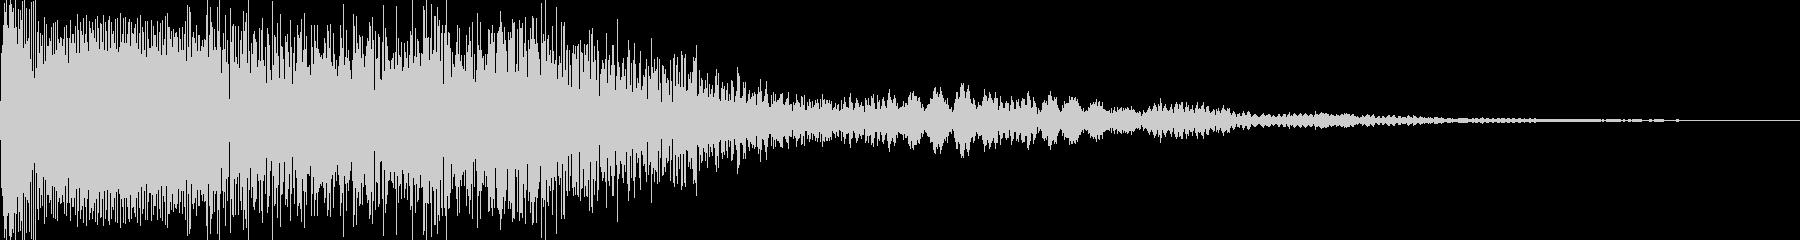 キャンセル音 ピロロンの未再生の波形